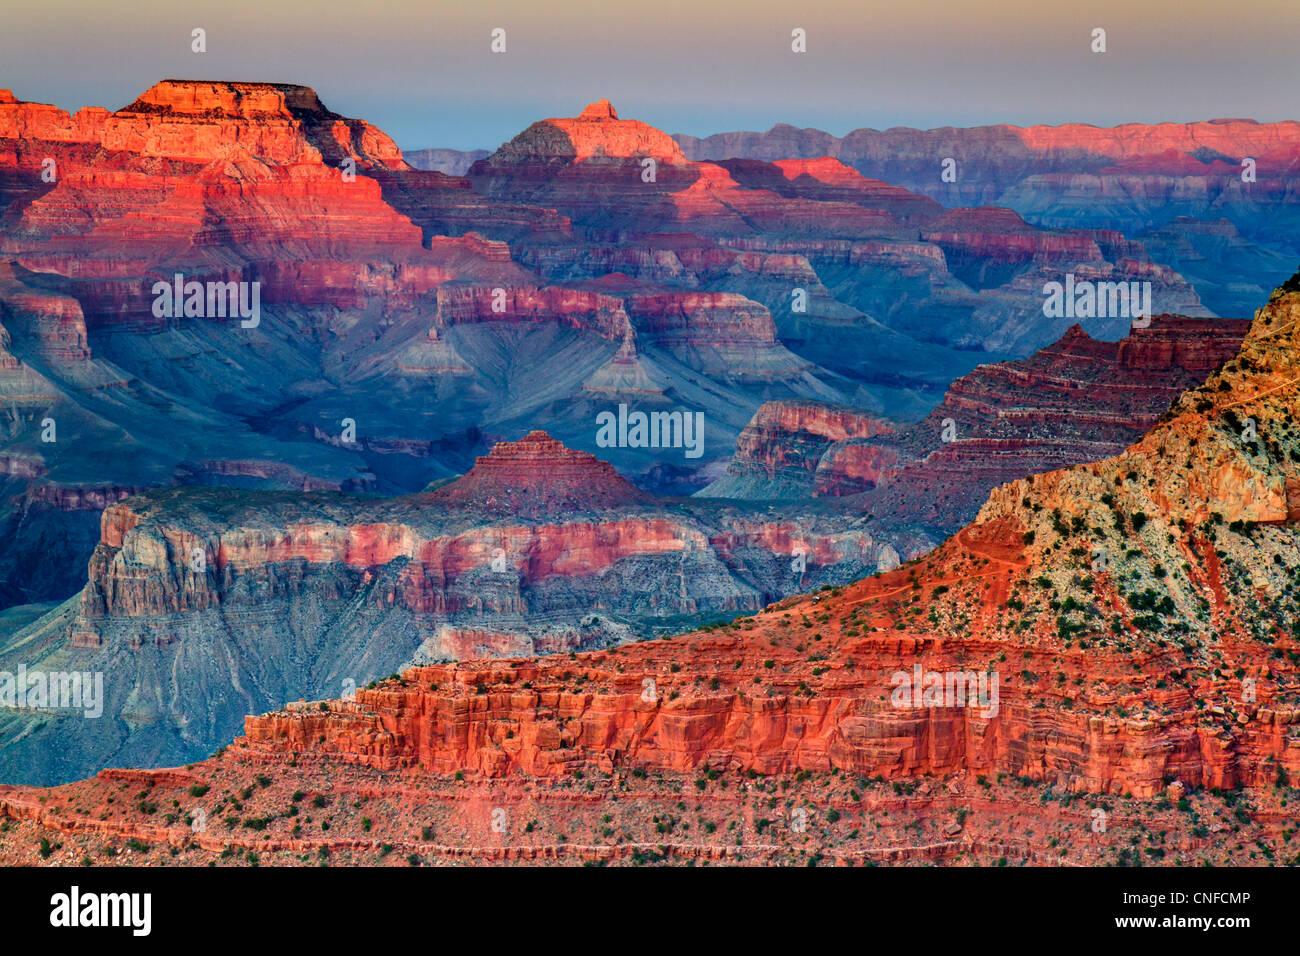 Tramonto al punto di madre, south rim, il Parco Nazionale del Grand Canyon (Arizona, USA). Tecnica HDR. Foto Stock